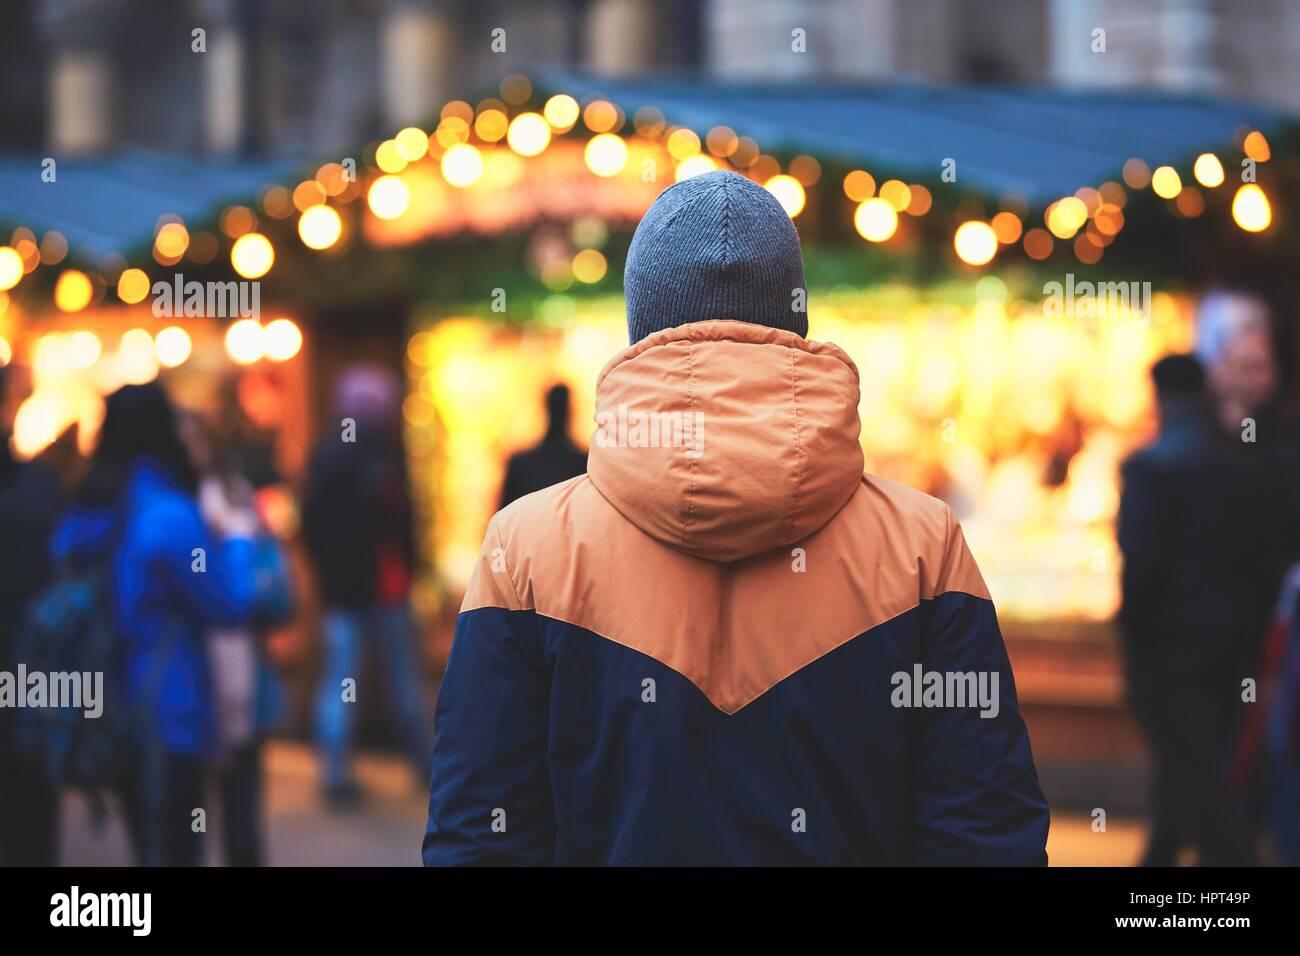 Giovane uomo nel mercato di natale, Vienna, Austria Immagini Stock